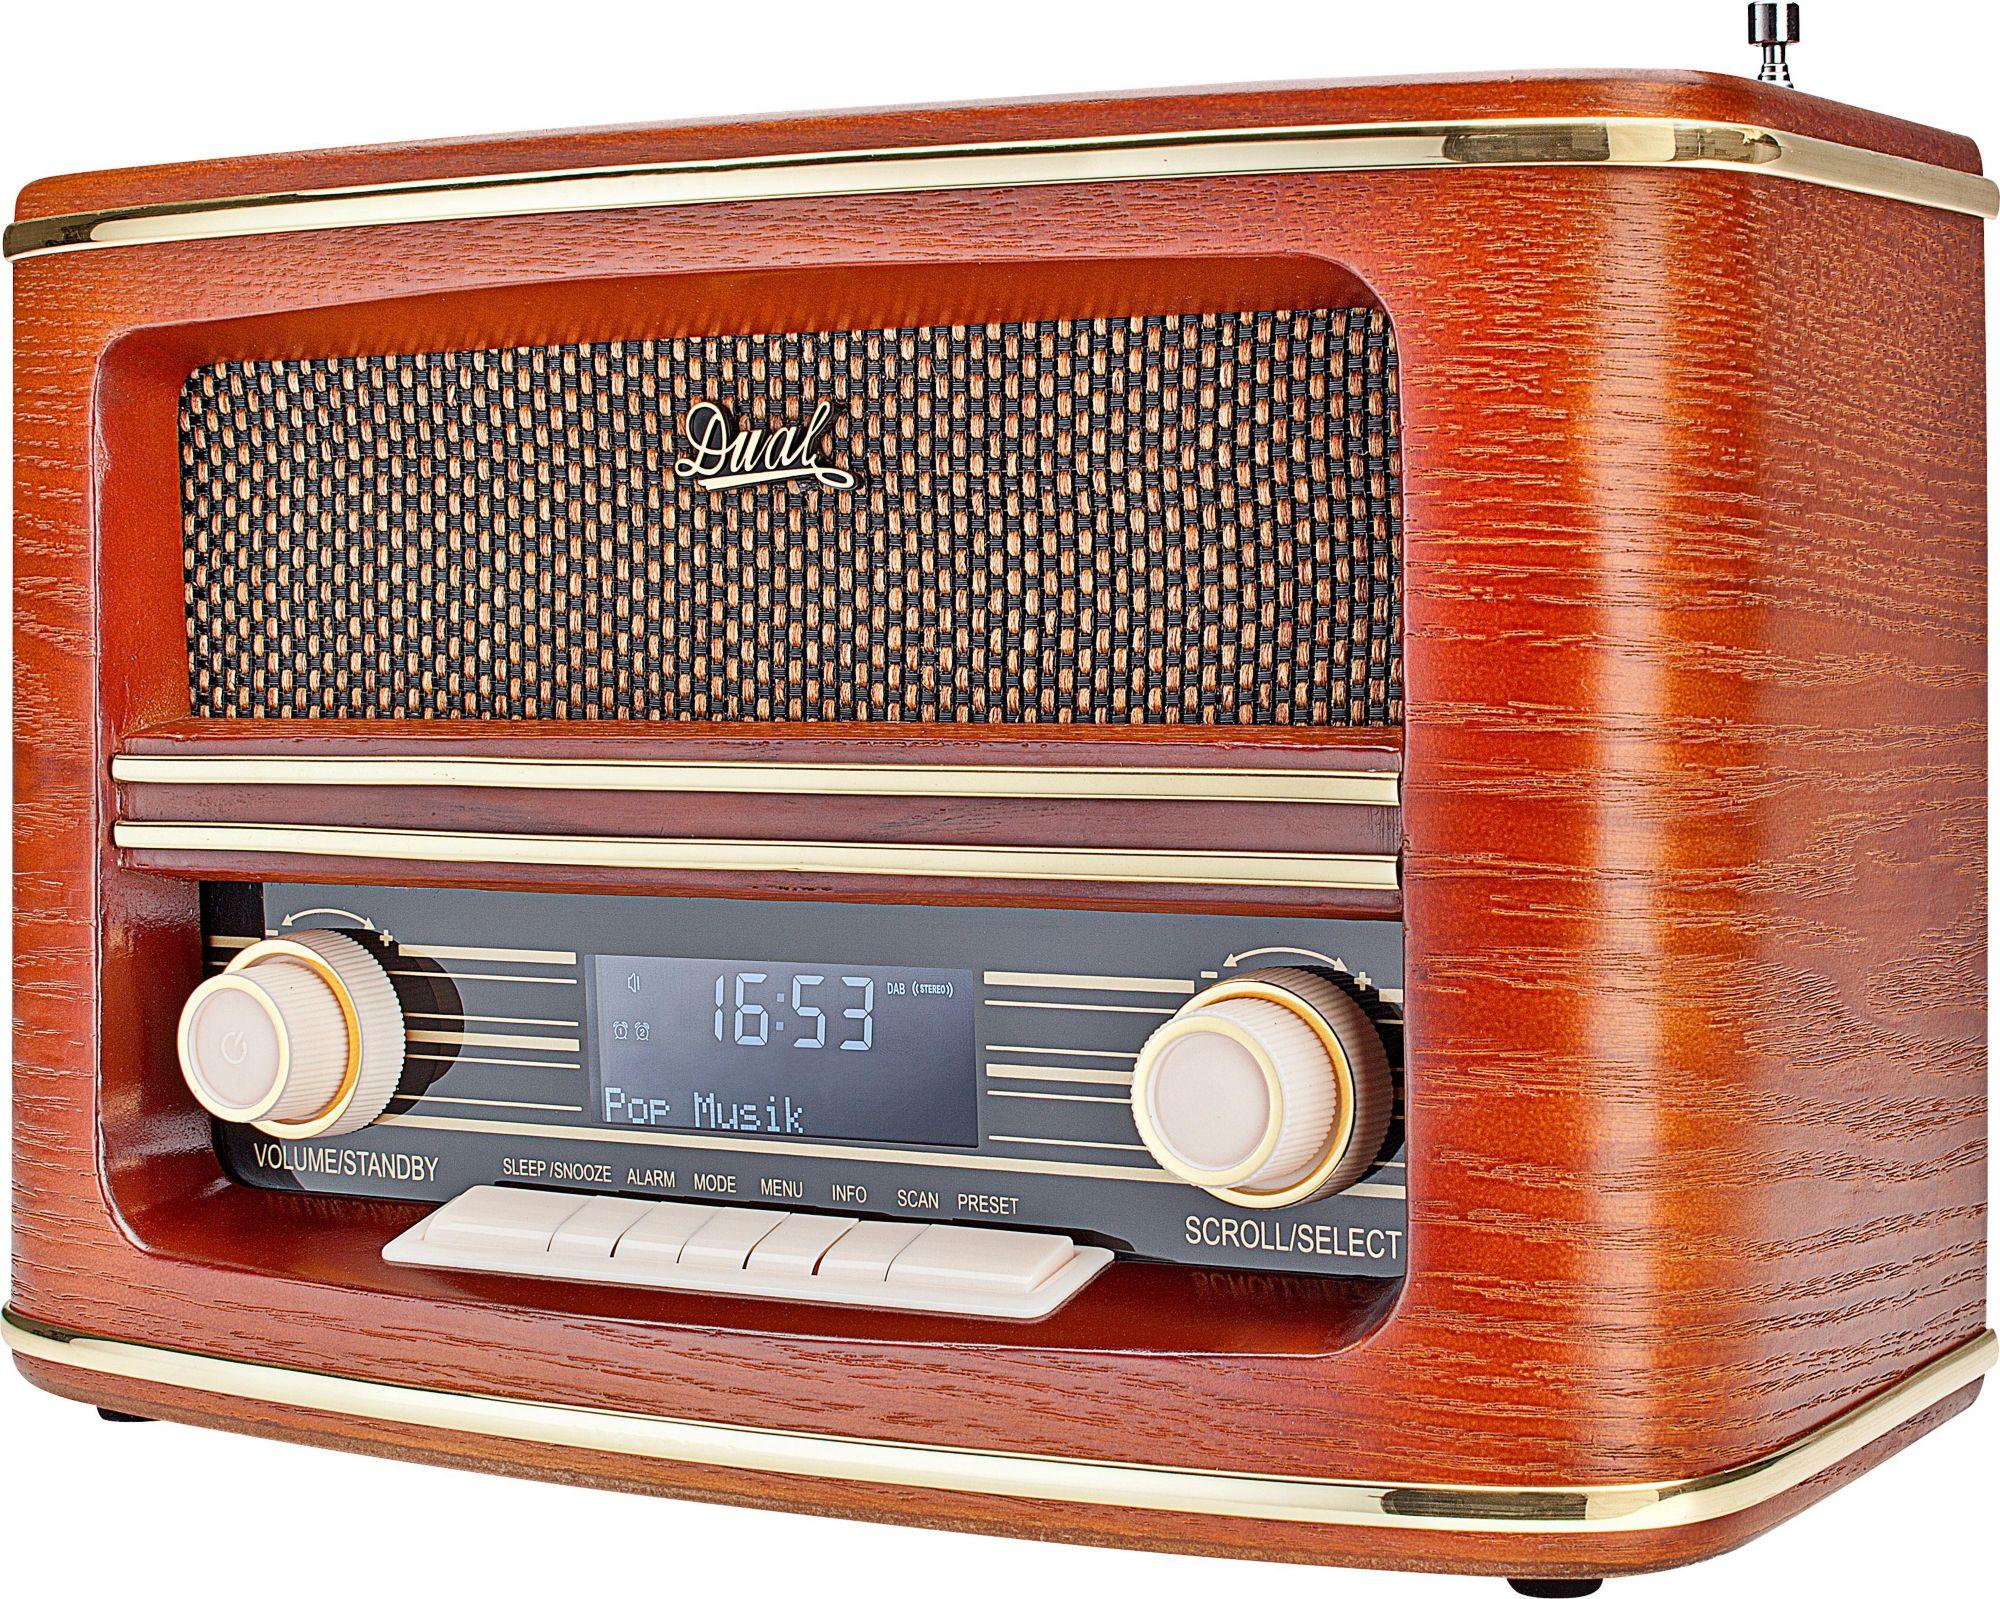 DUAL Dual NR 1 DAB Stereoanlage, Digitalradio (DAB+), RDS